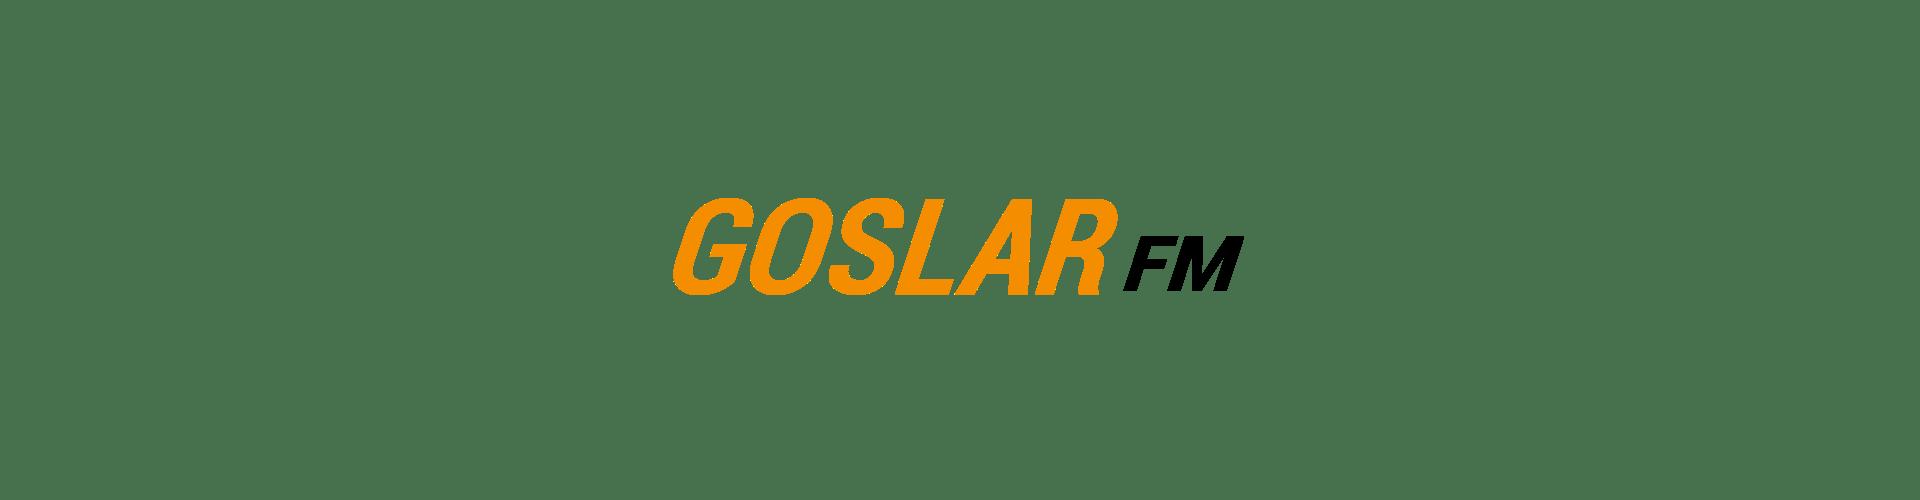 Goslar FM